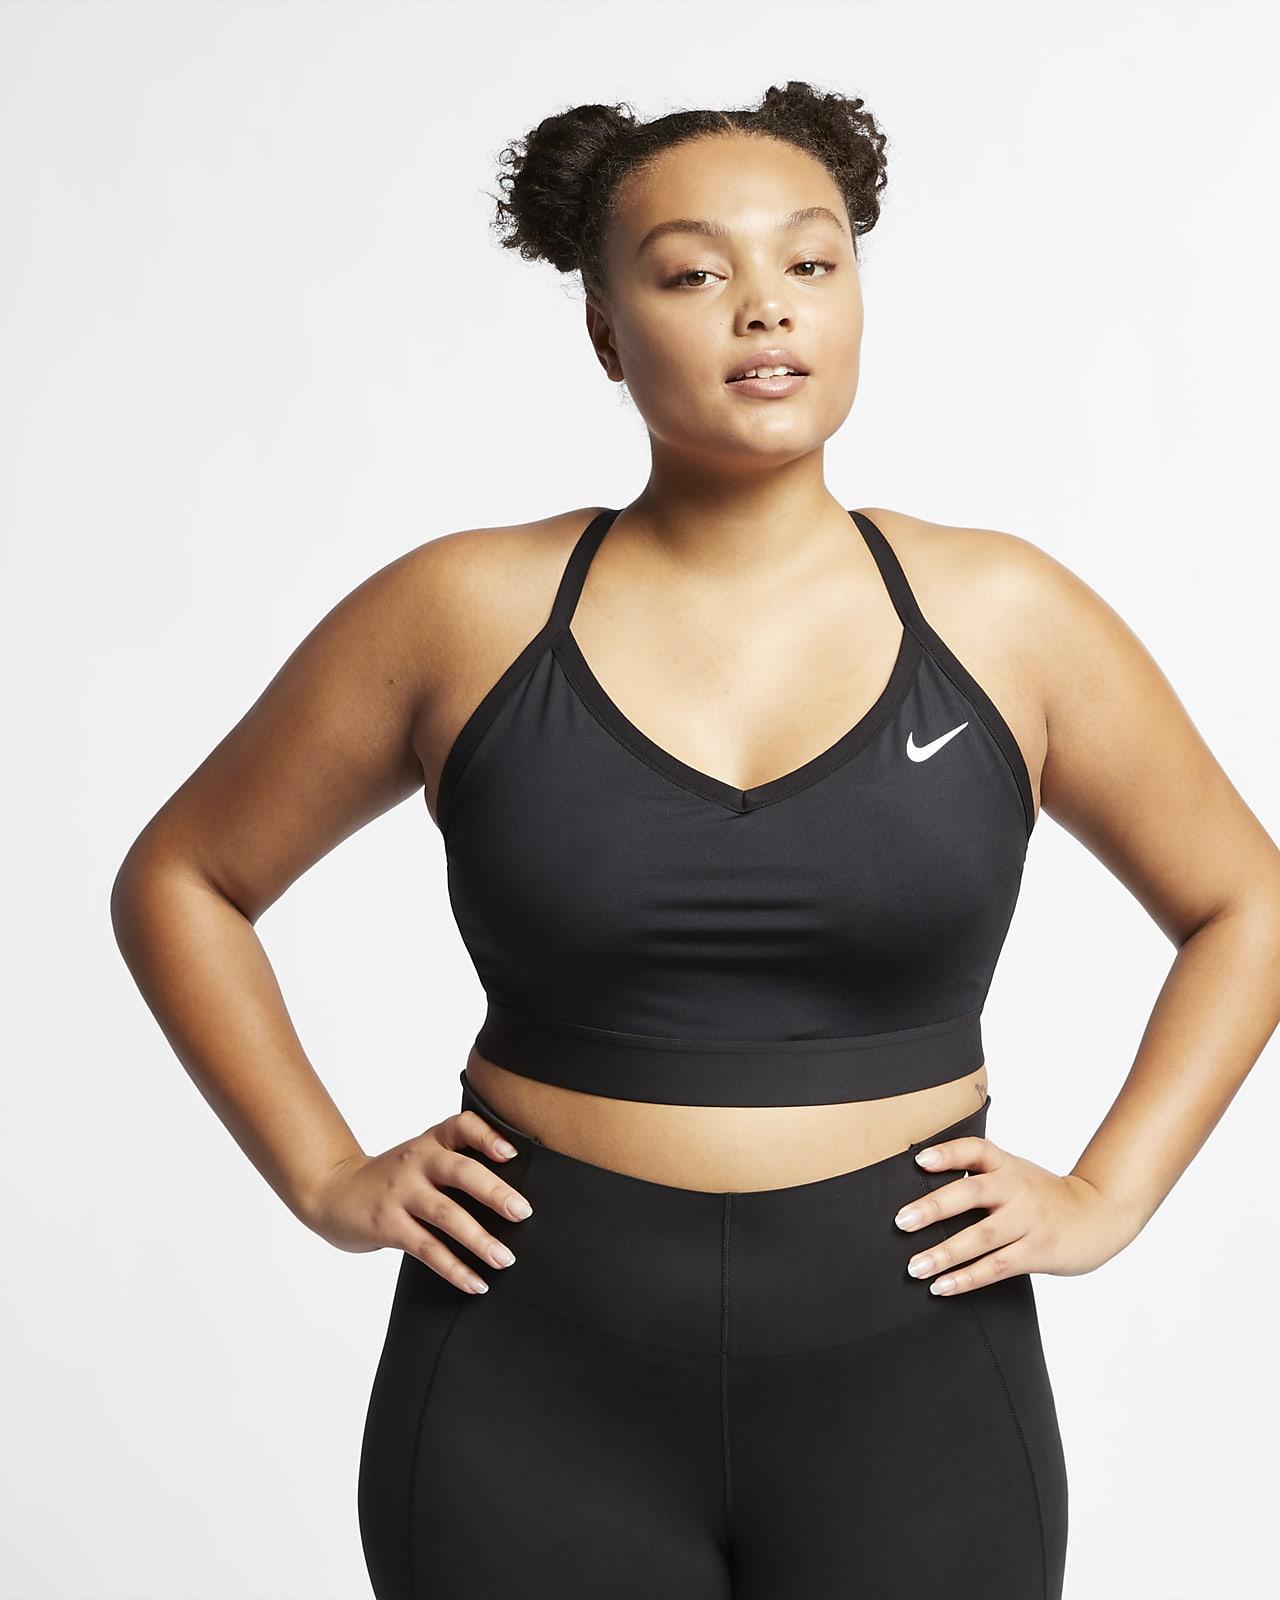 Damski stanik sportowy z wkładkami zapewniający lekkie wsparcie Nike Dri-FIT Indy (duże rozmiary)